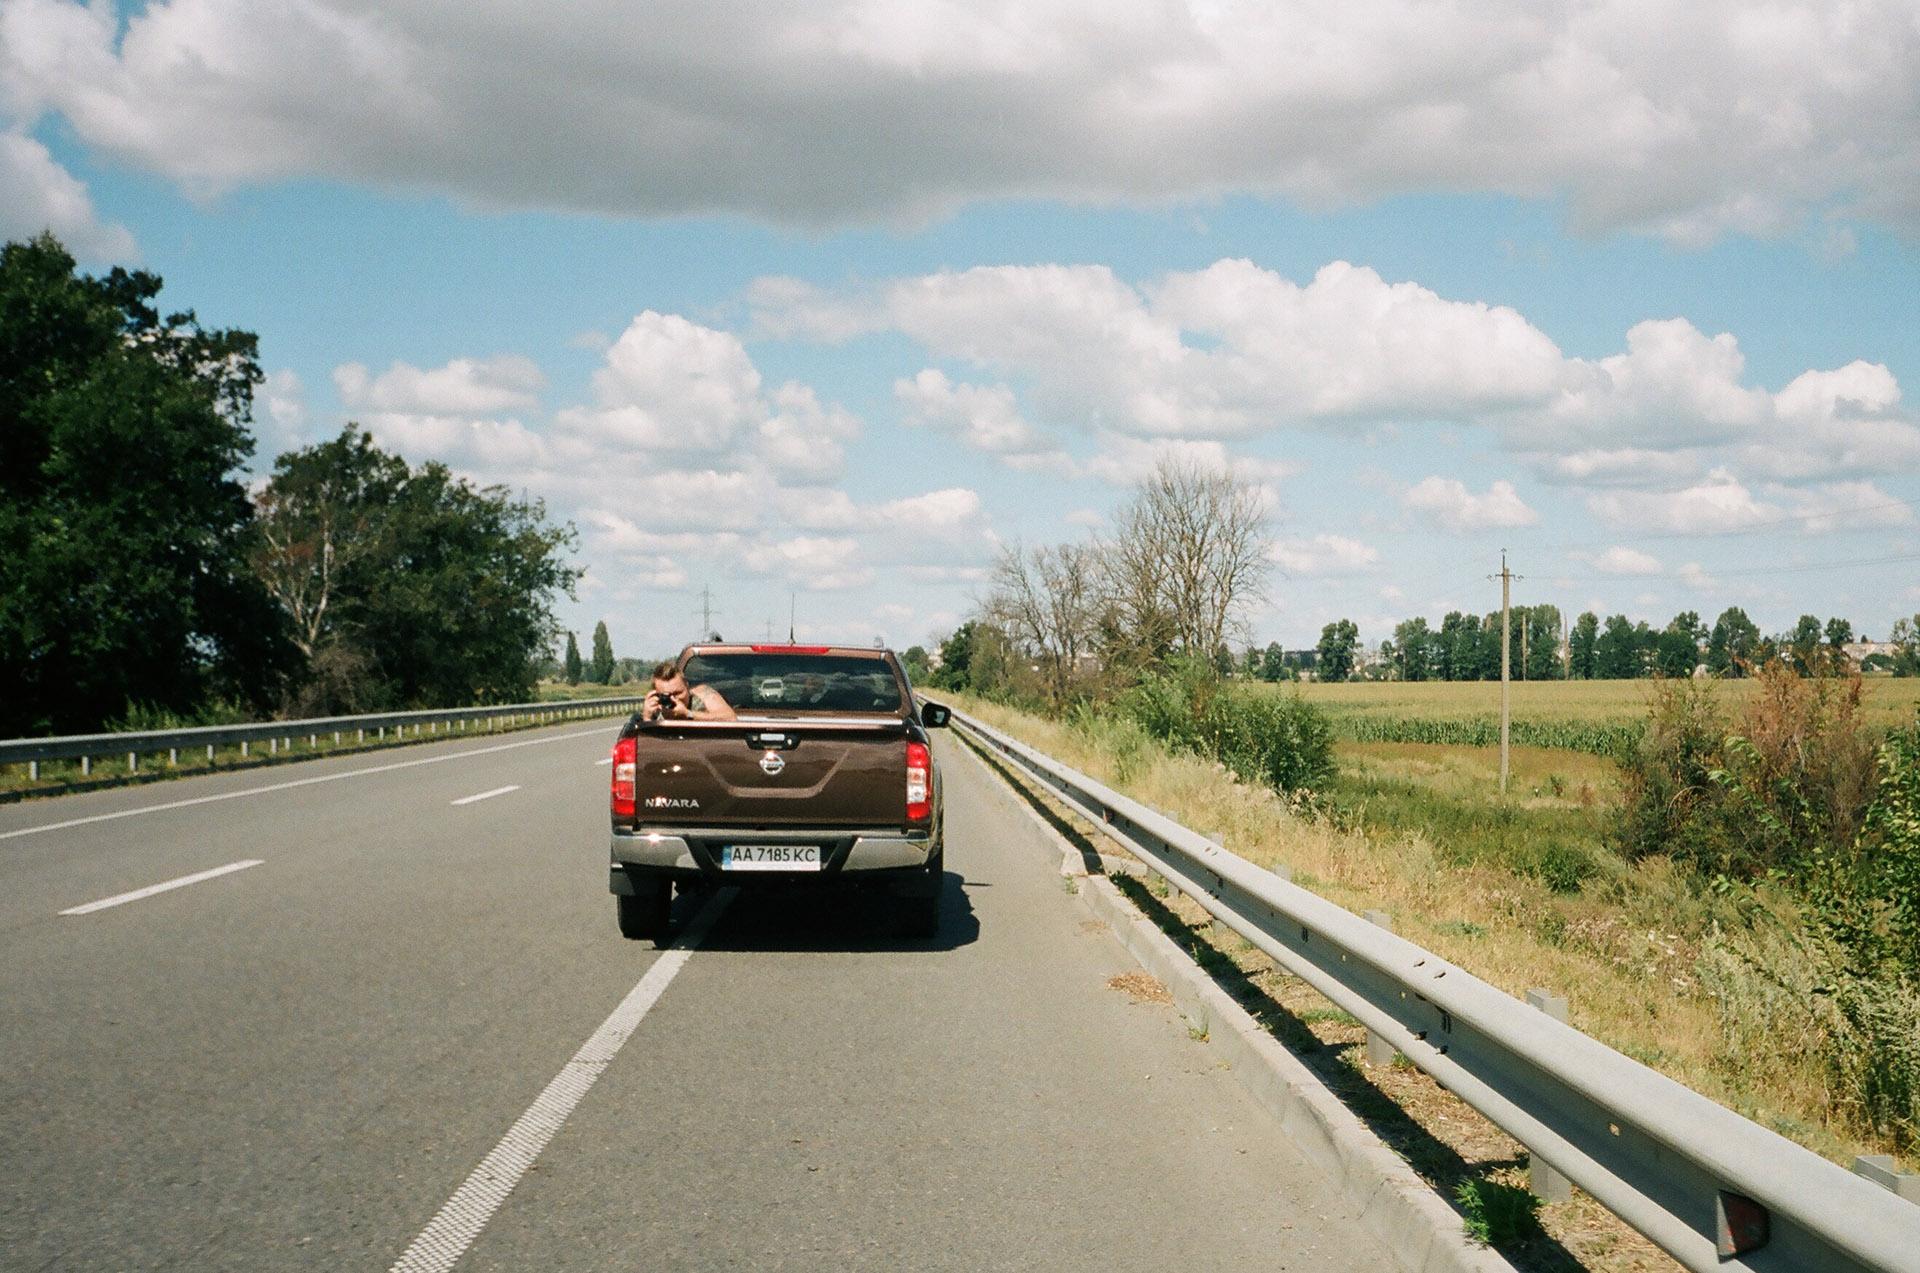 Автомобіль, що керує сільською дорогою